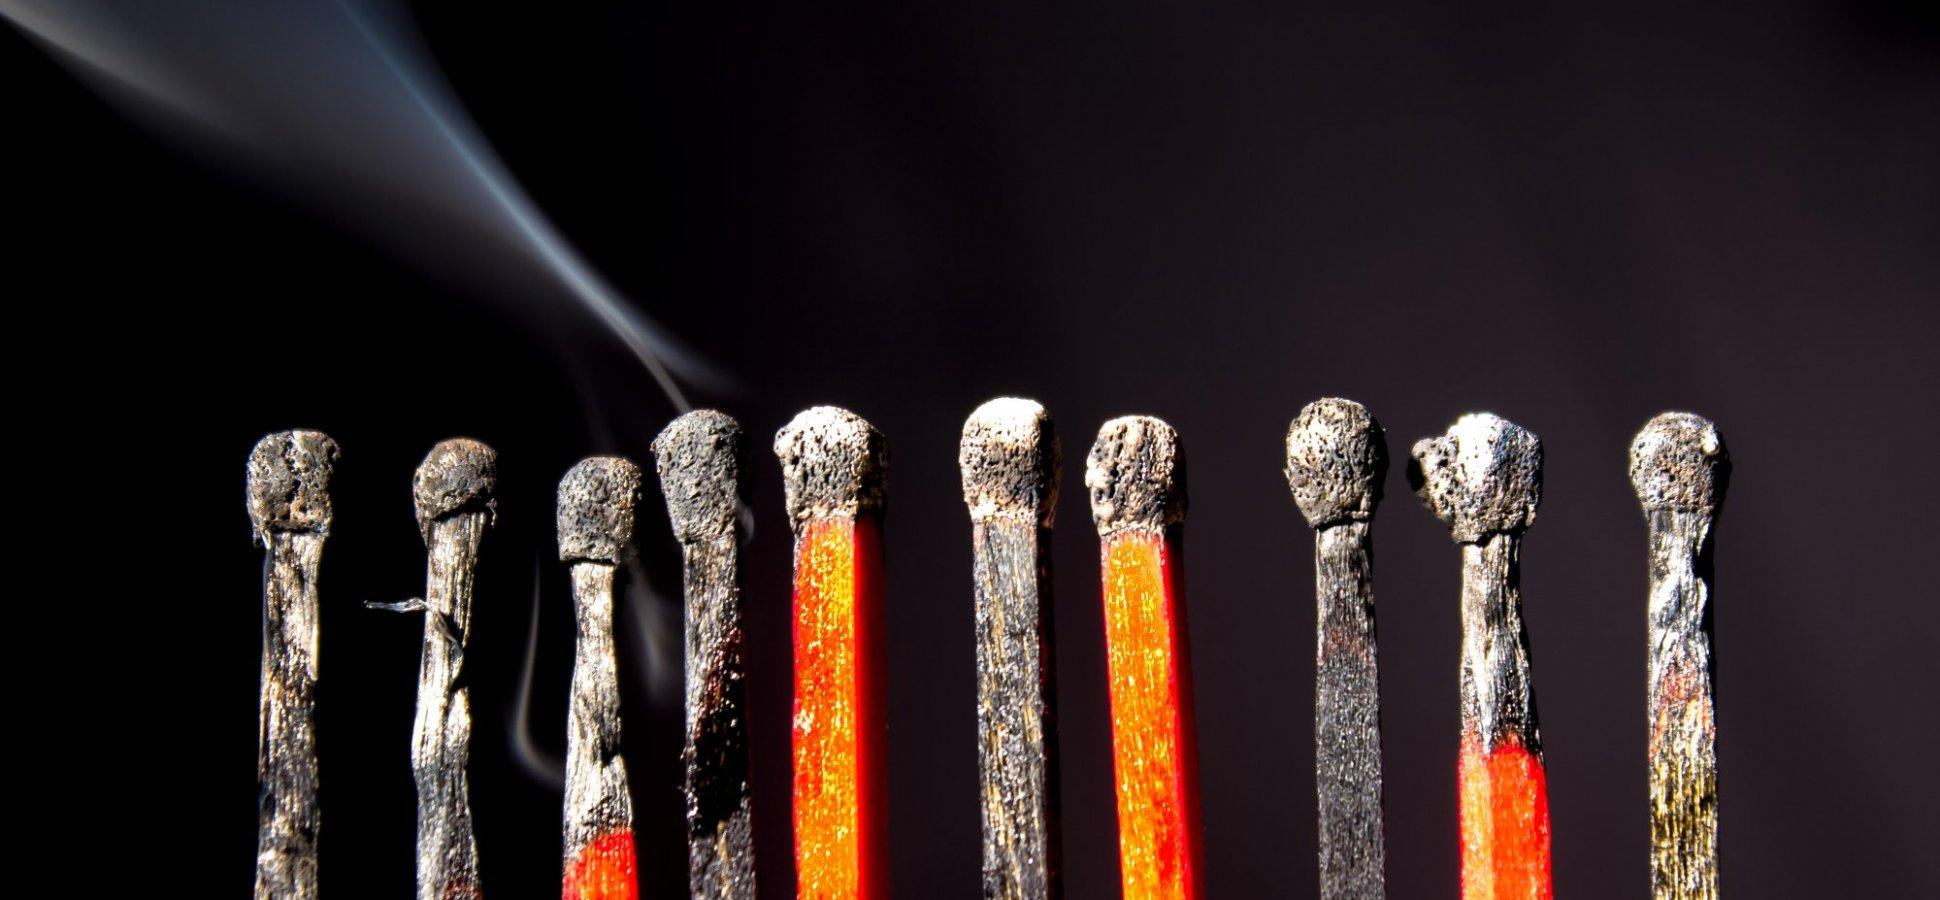 5 Inspiring Ways to Fight Burnout at Work